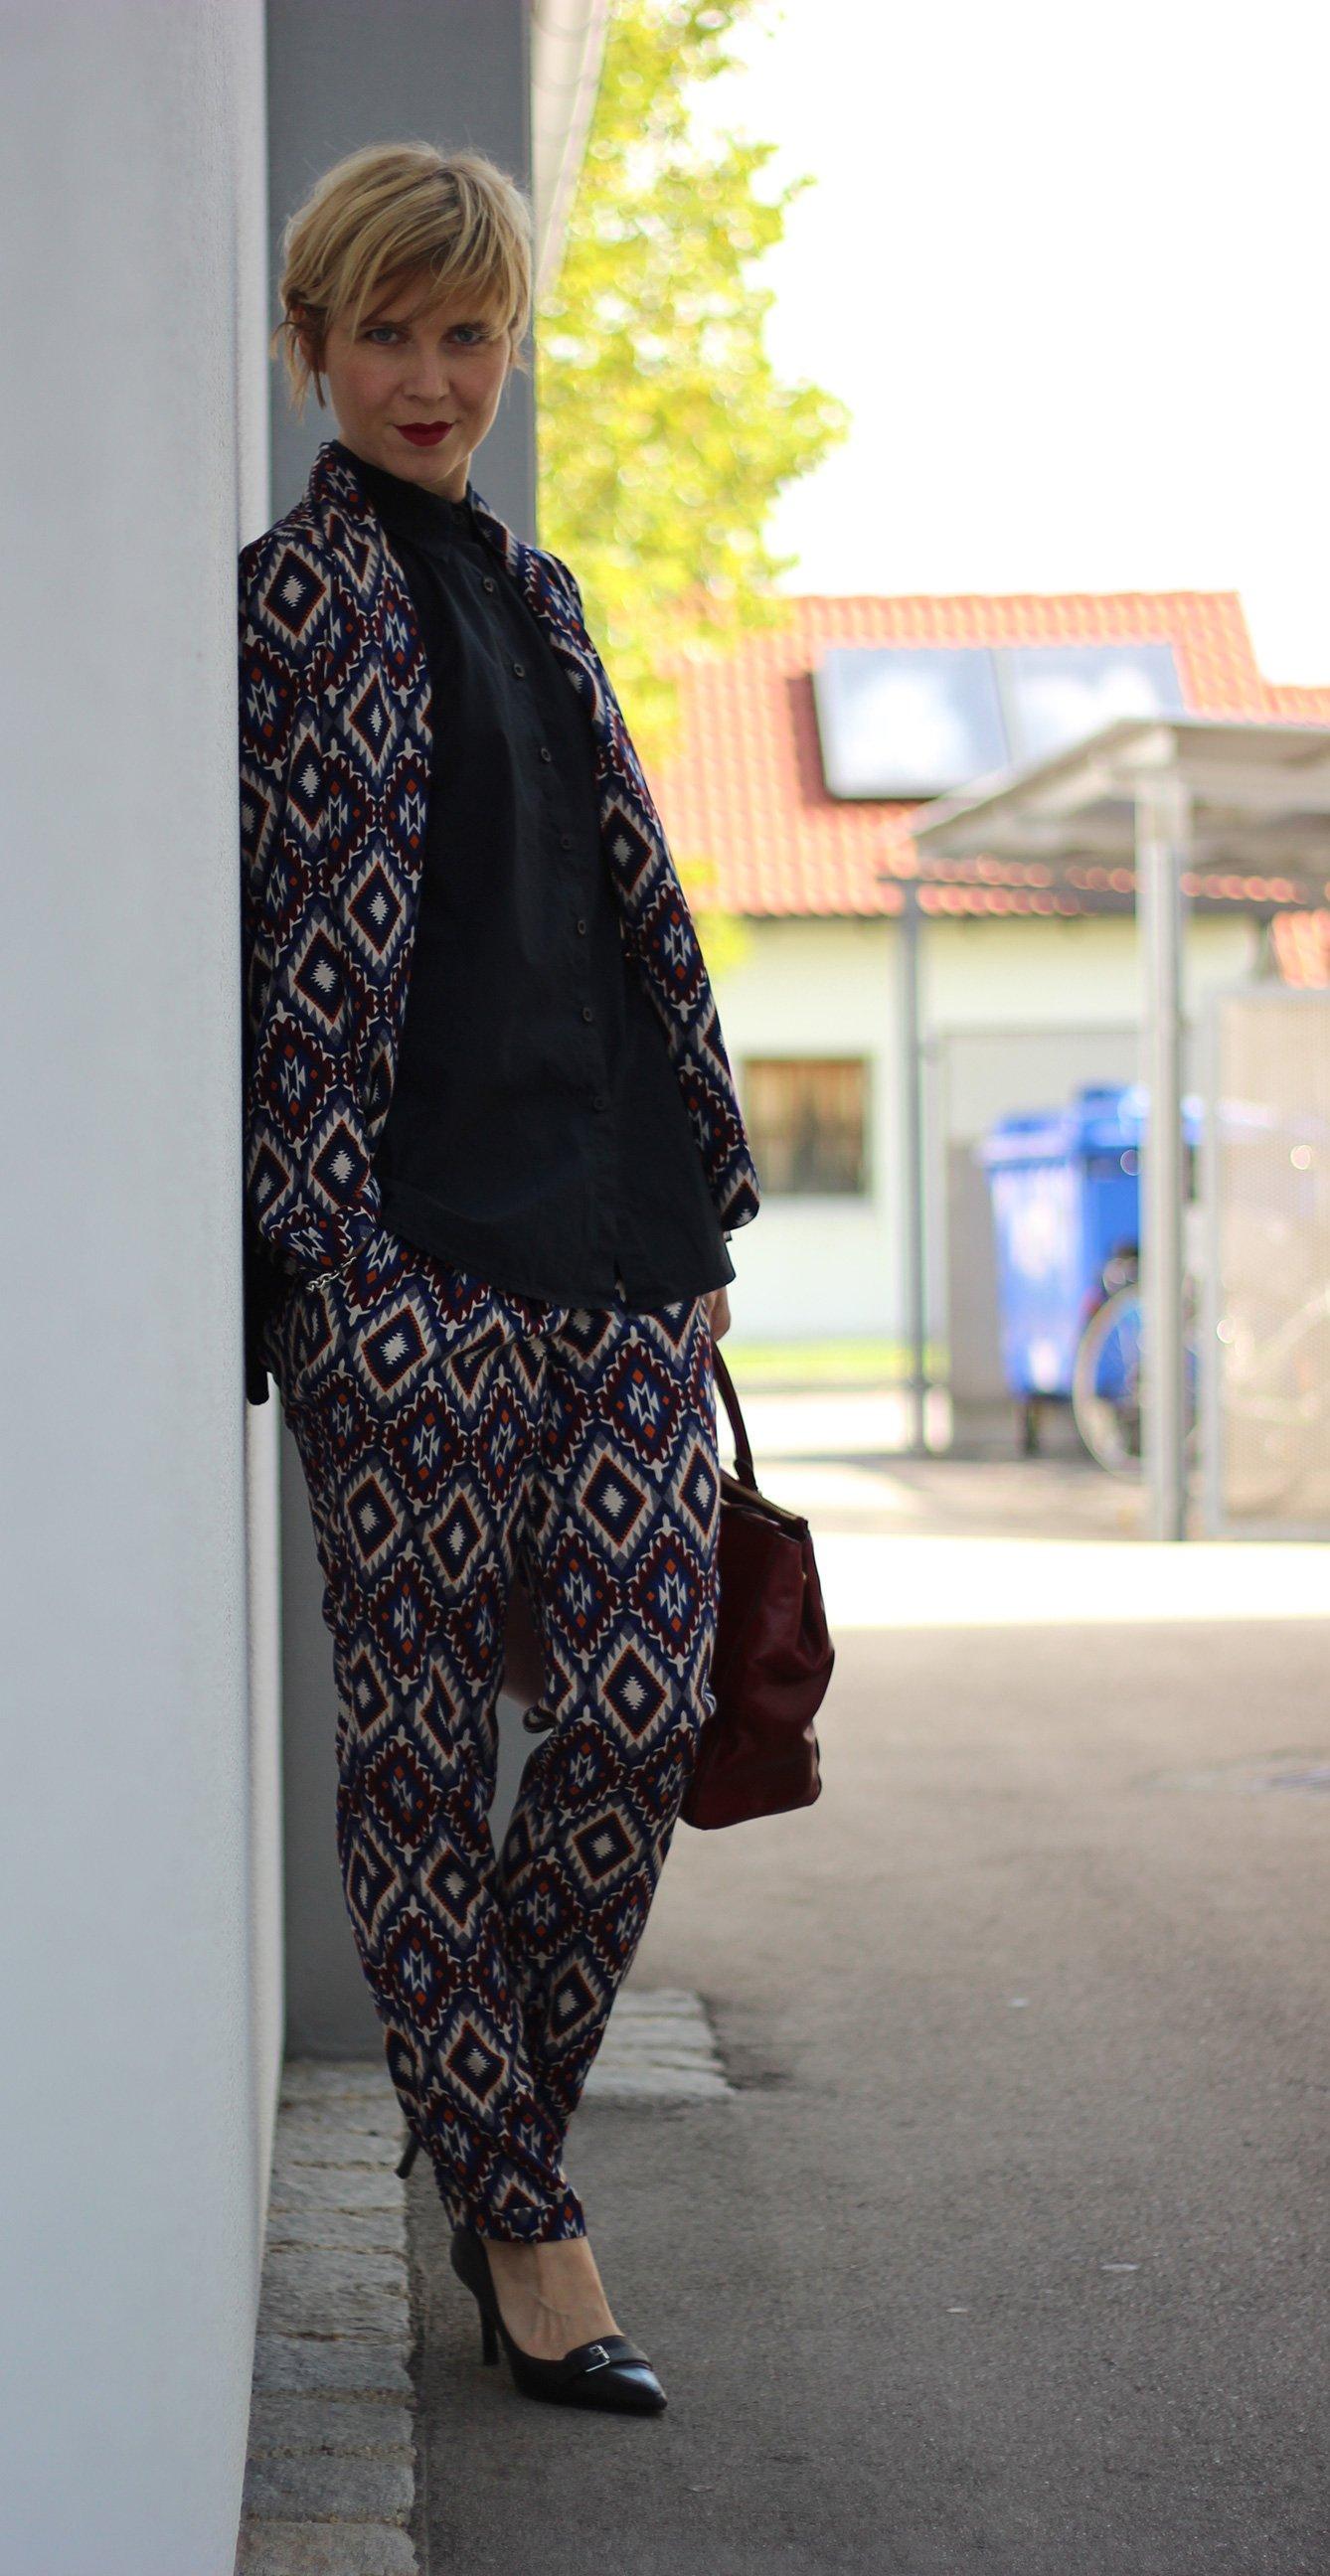 IMG_3044a_ScarletRoos_Musteranzug_Anzug_Fashion_Modeblog_Ue40